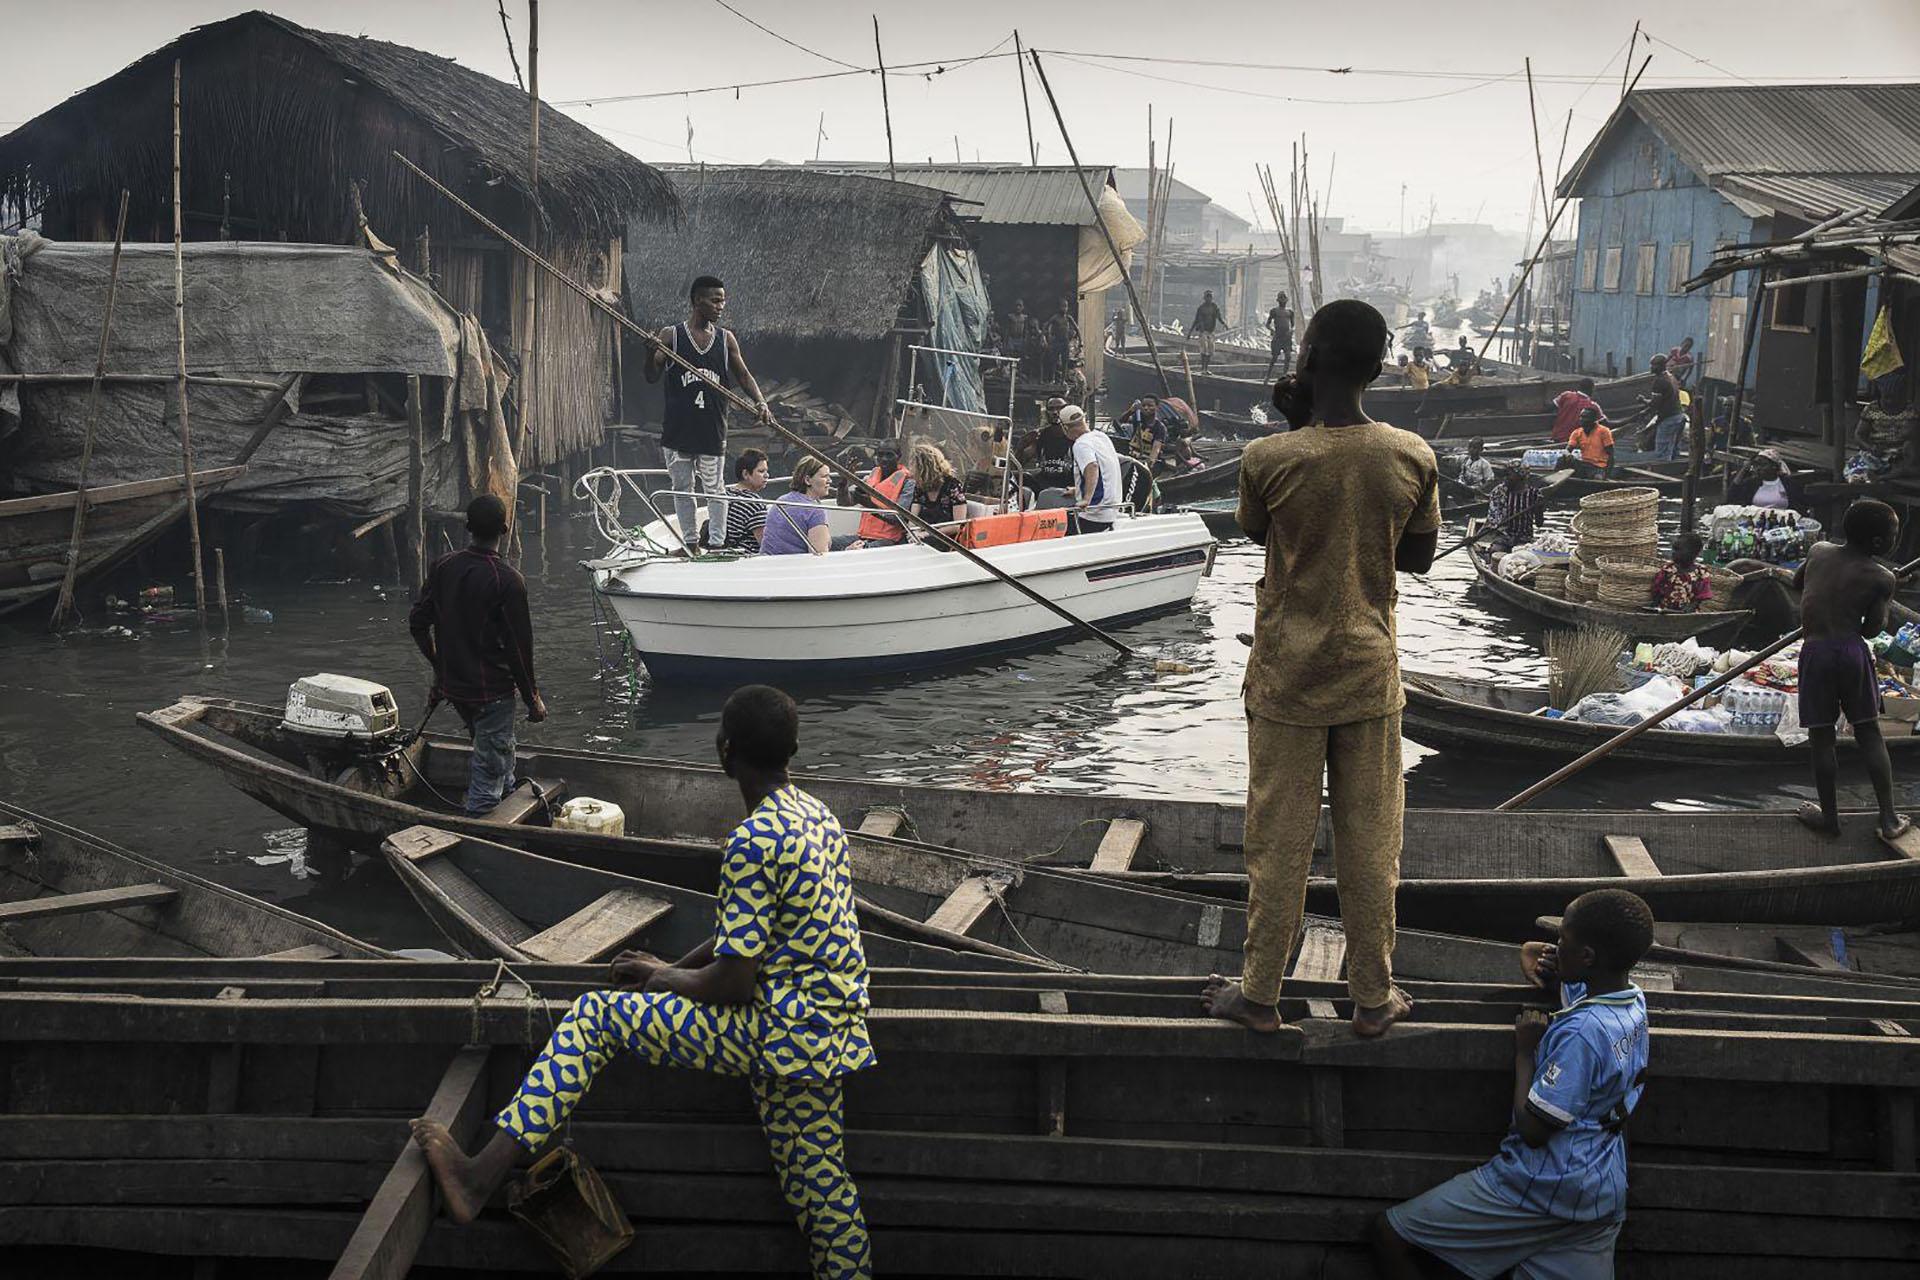 Lagos Waterfront Under Threat – La ribera de Lagos bajo amenaza: un barco con expatriados de Lagos Marina es conducido a través de los canales de la comunidad de Makoko – un antiguo pueblo pesquero que se ha convertido en un enorme asentamiento informal – a orillas de la Laguna de Lagos, Lagos, Nigeria. (Jesco Denzel, Alemania)